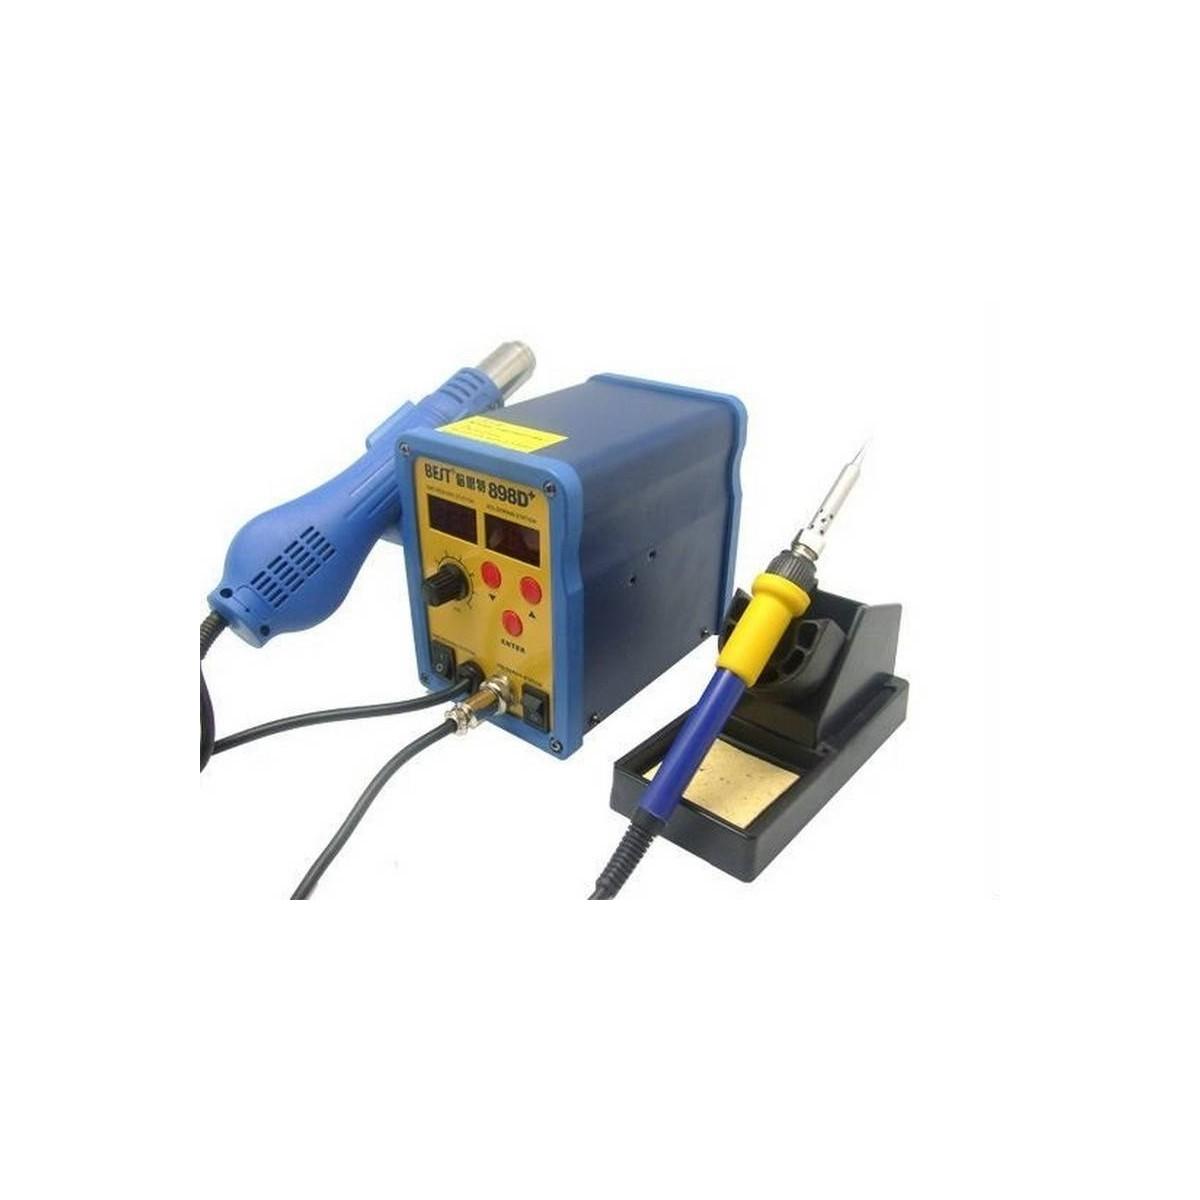 Maquina para soldar de calor marca BEST 898D